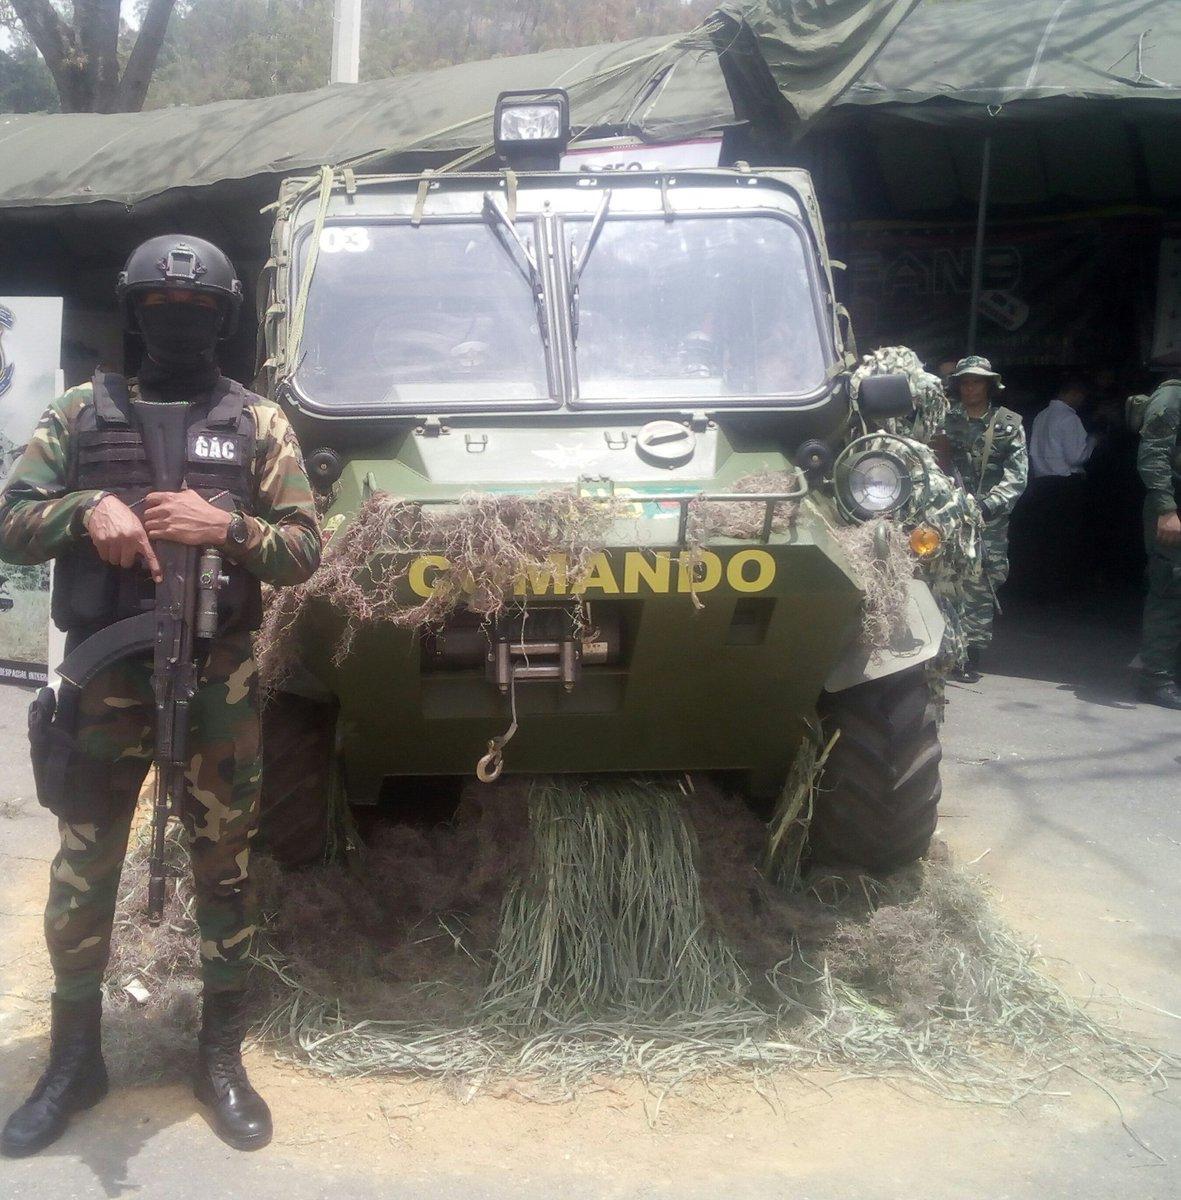 Armed Forces of Venezuela Photos - Page 8 Dbzu0cjXcAErhf5